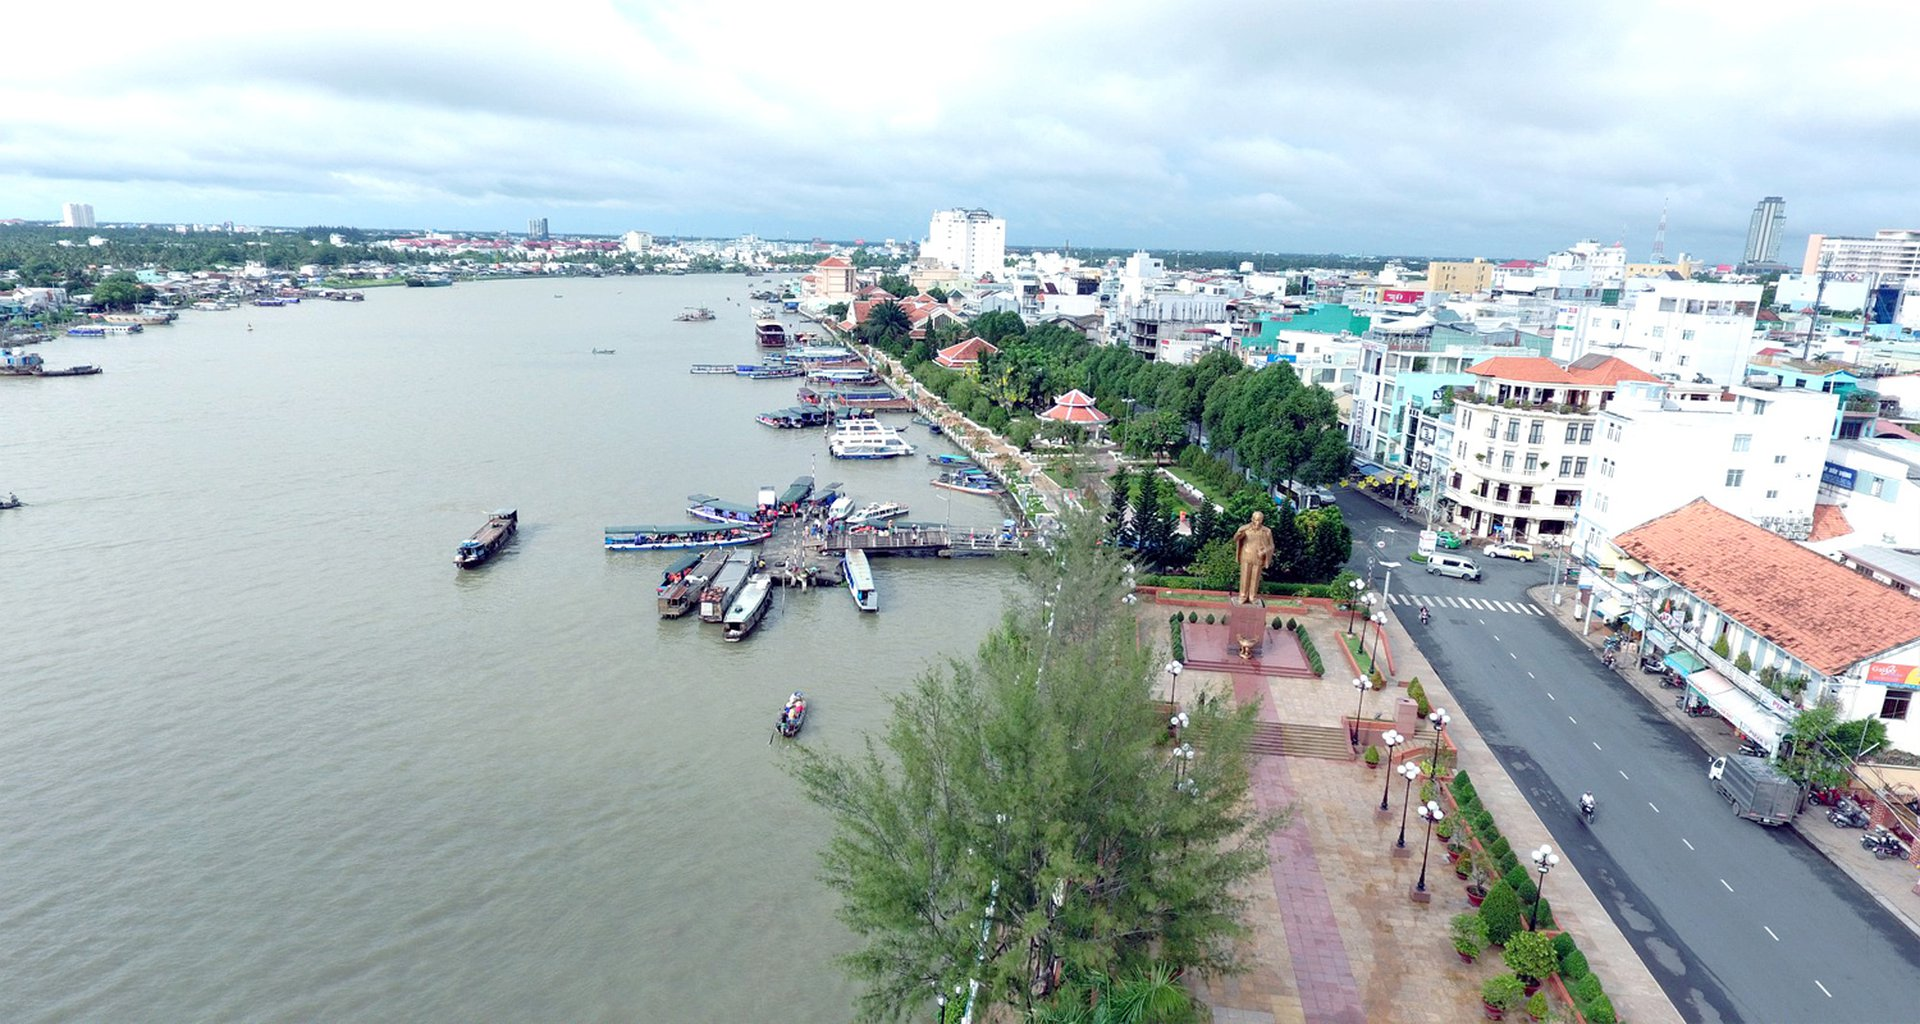 Bến Ninh Kiều nằm ở ngã ba sông Hậu và sông Cần Thơ